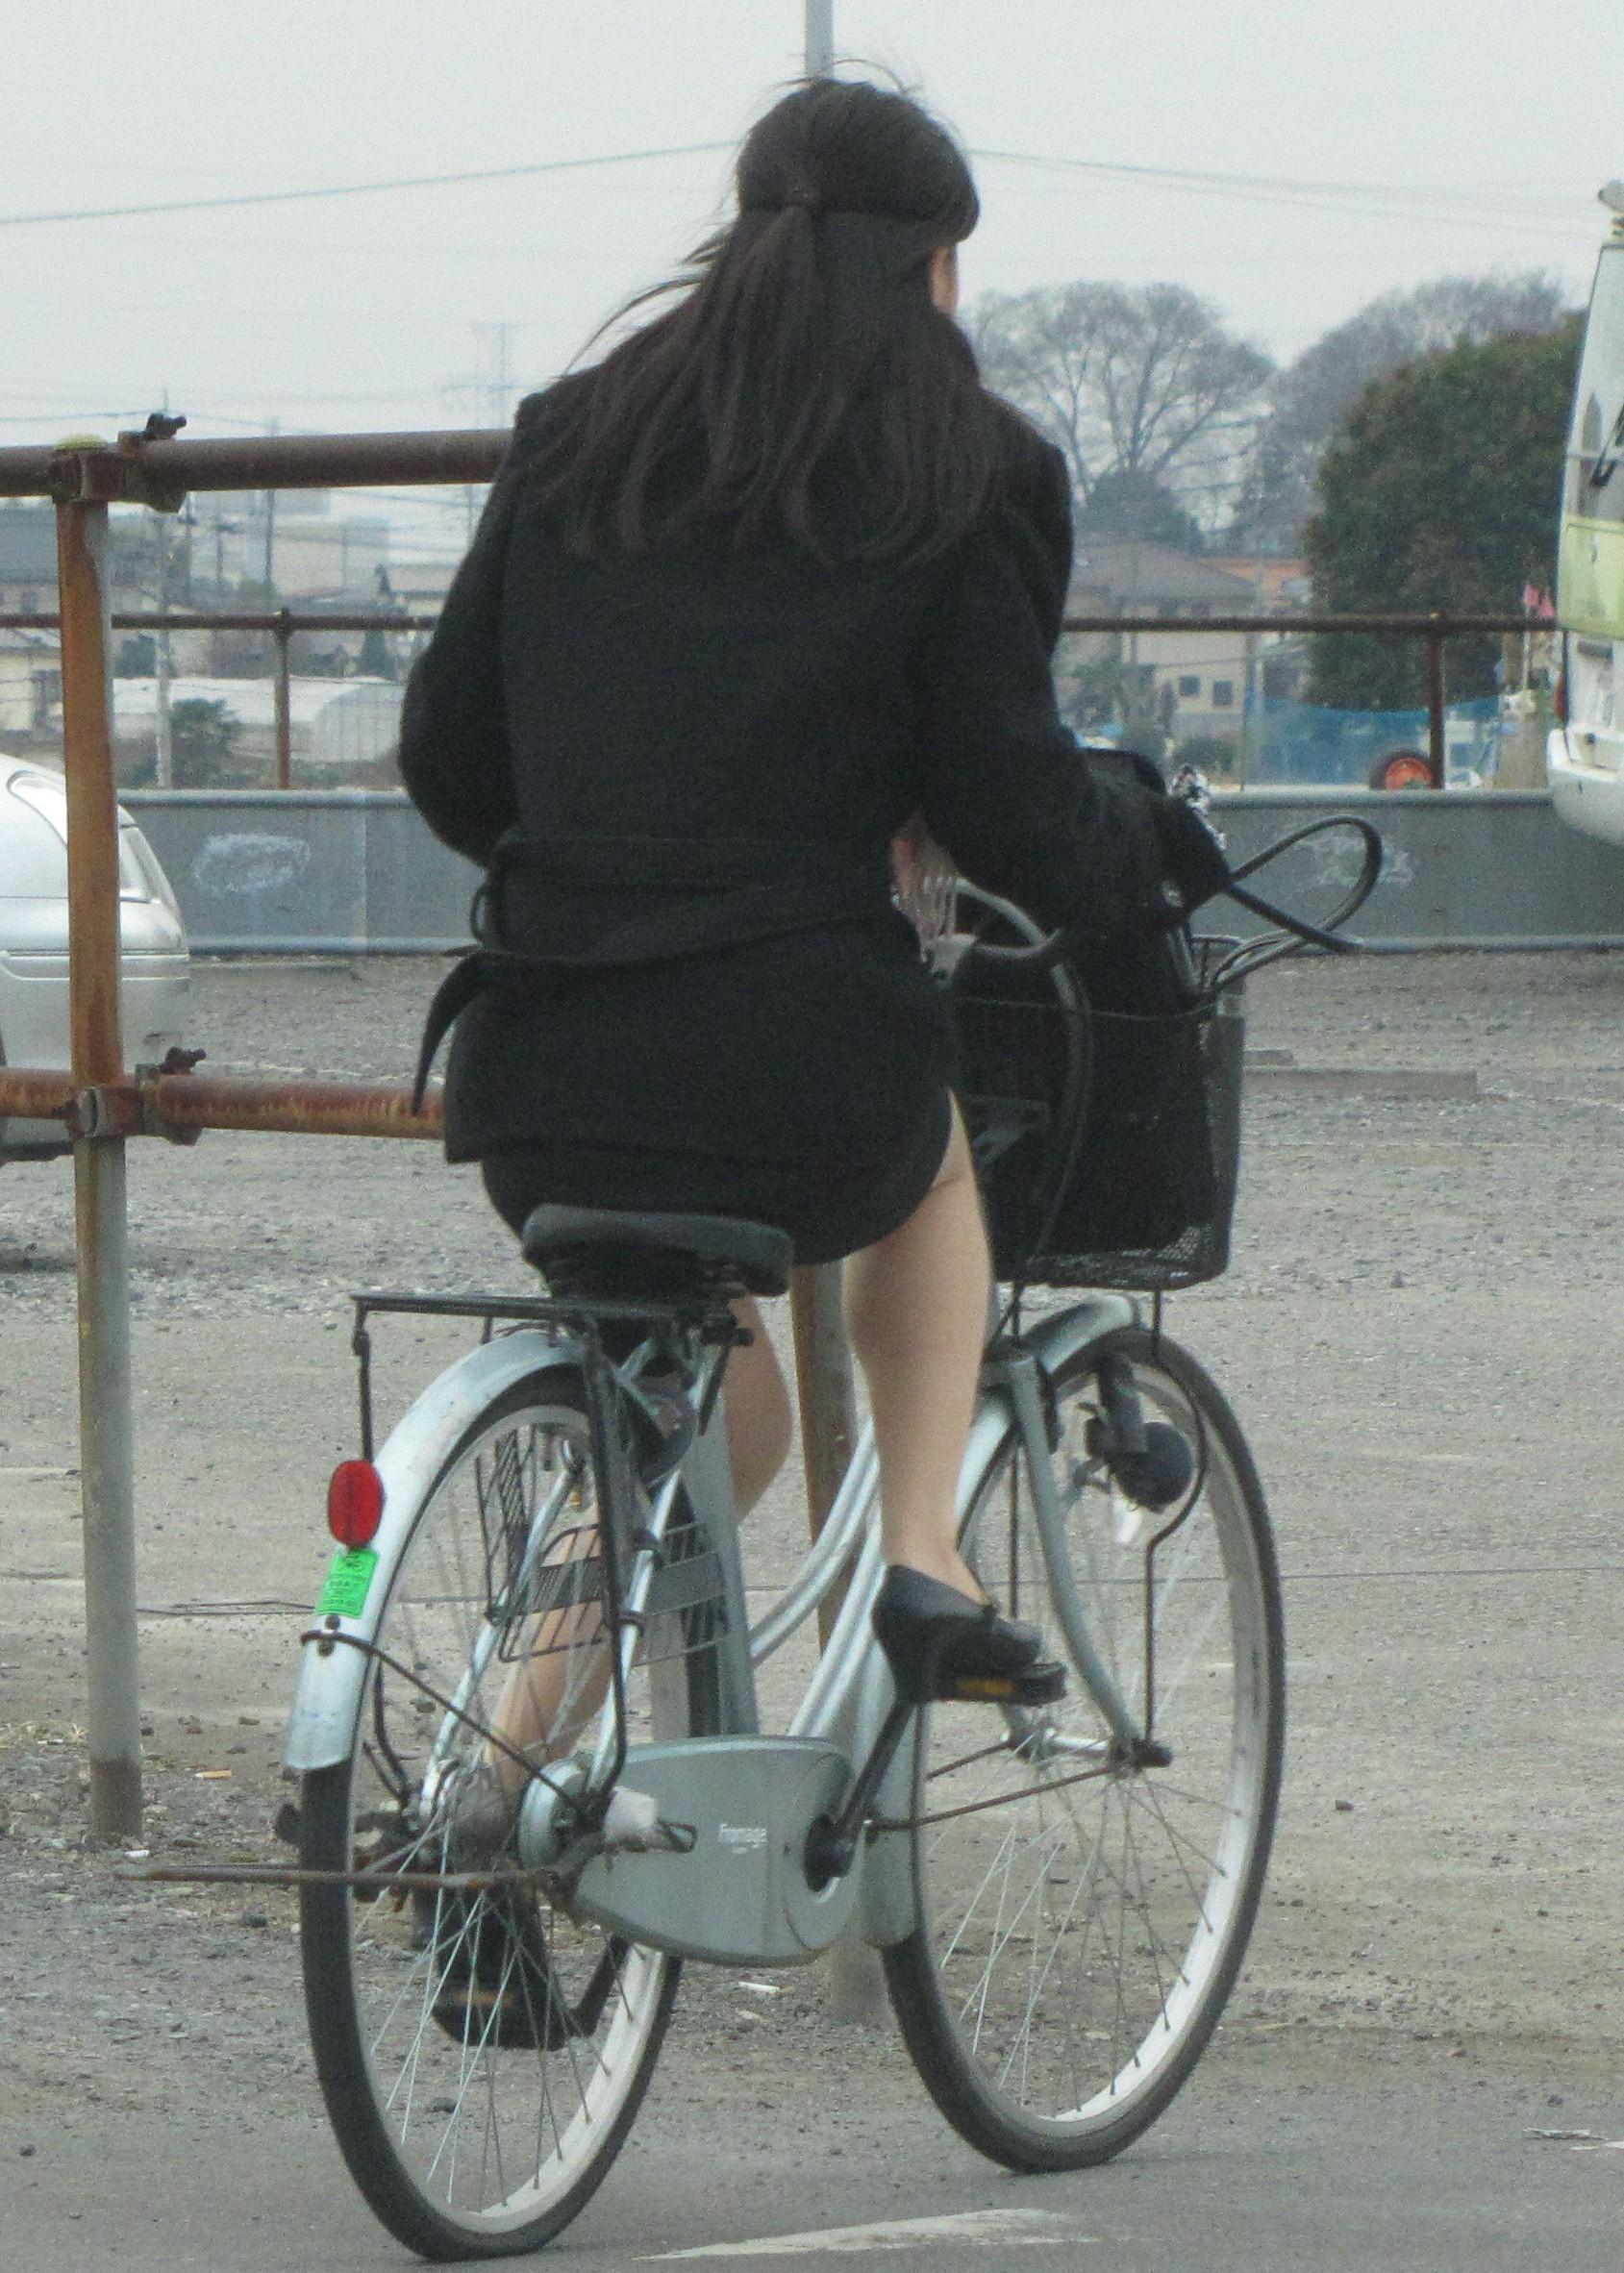 【街撮り美脚画像】大人の下半身を観察www自転車乗った働くおねえさん画像 15